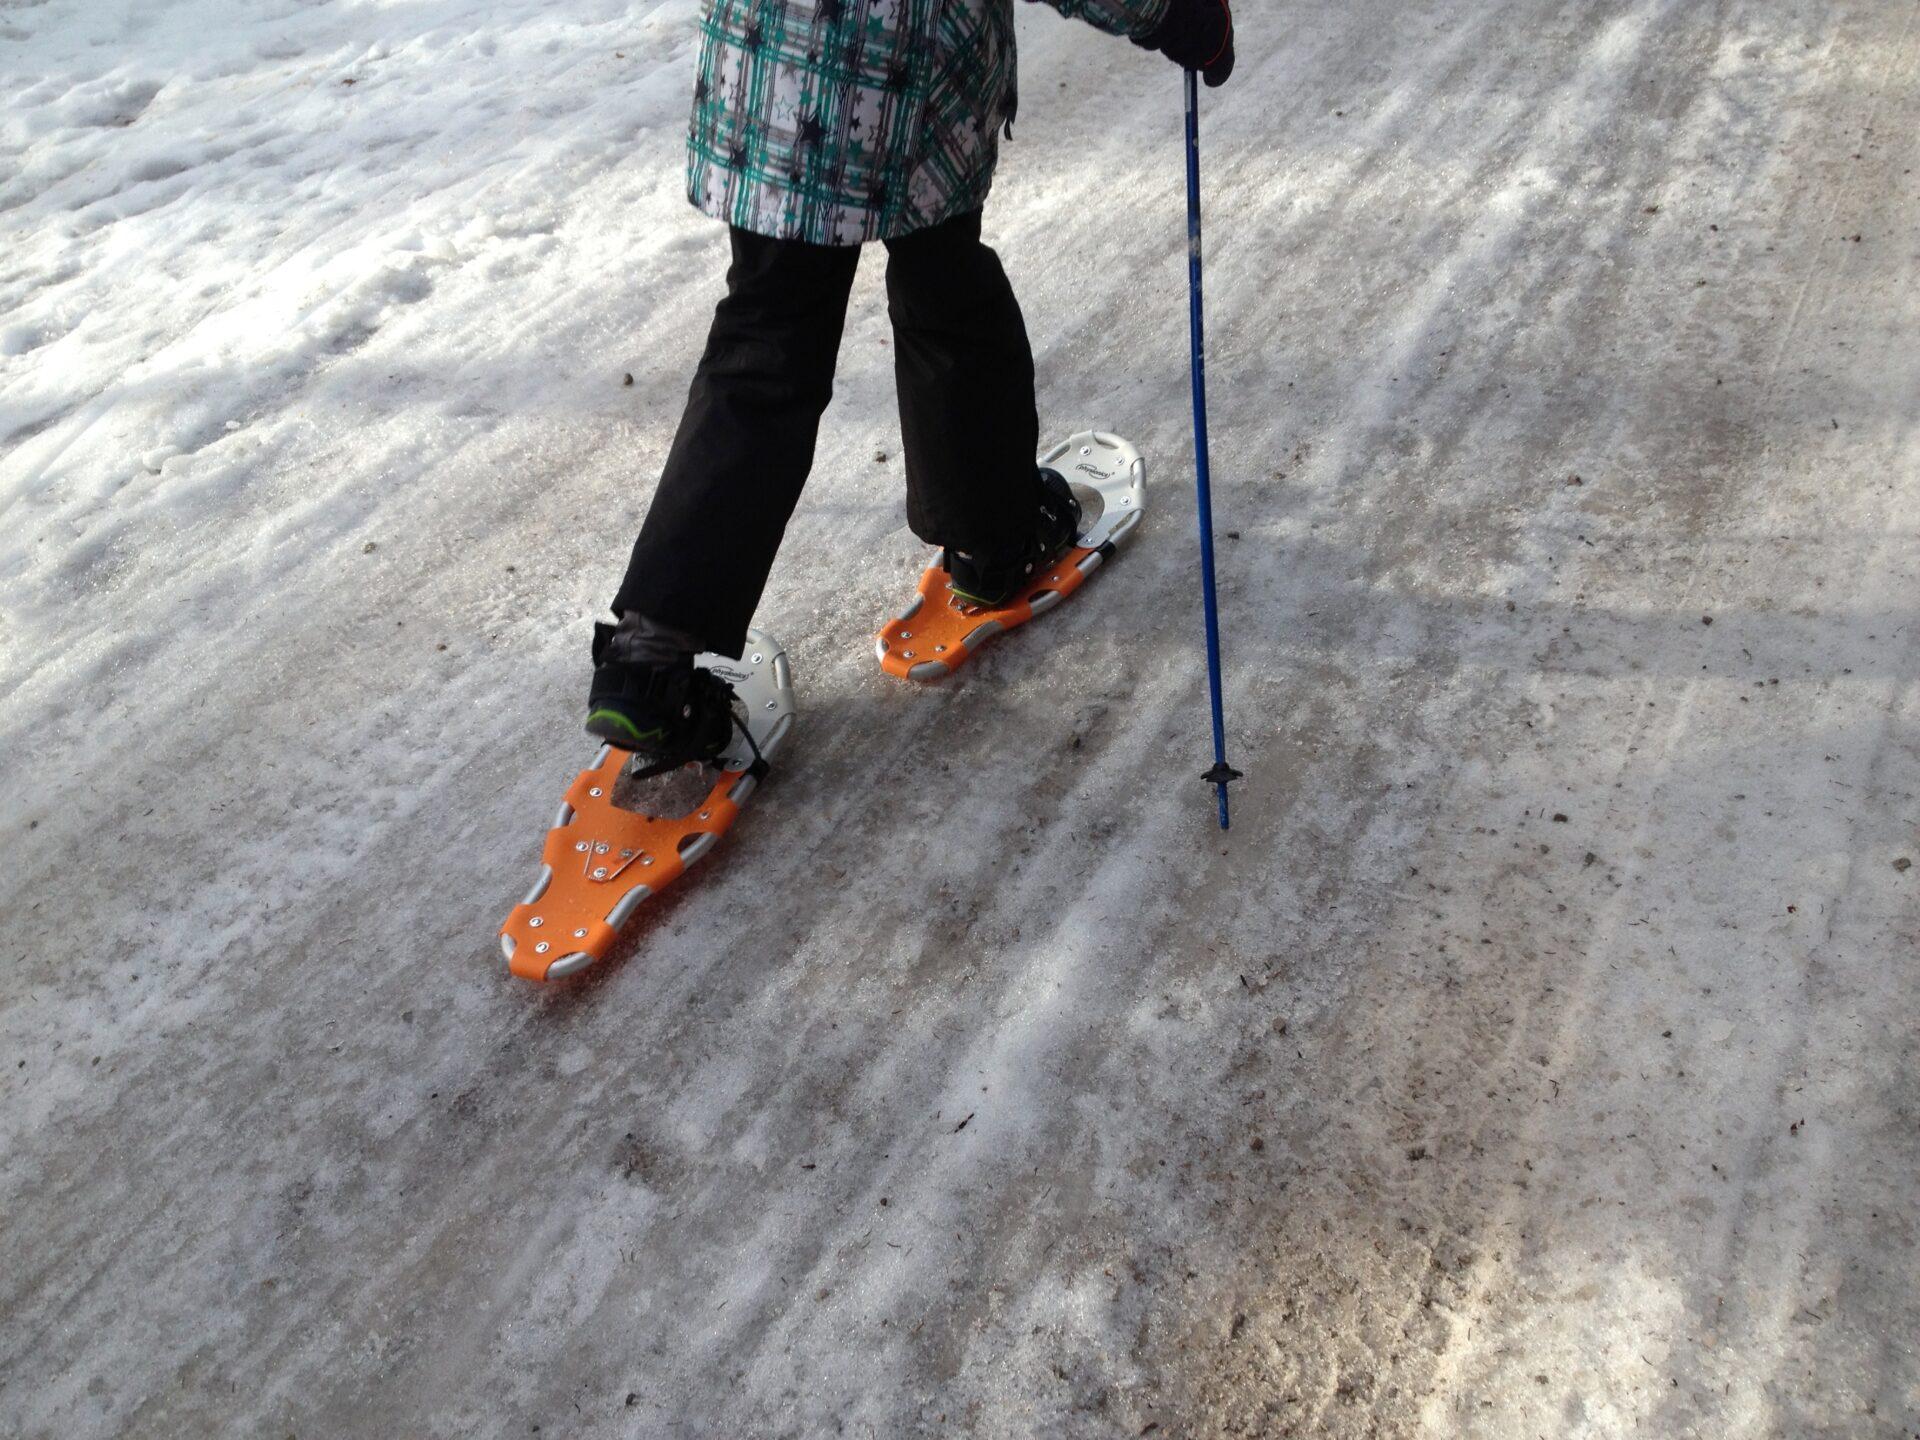 Schneeschuhe helfen auch über Eisplatten